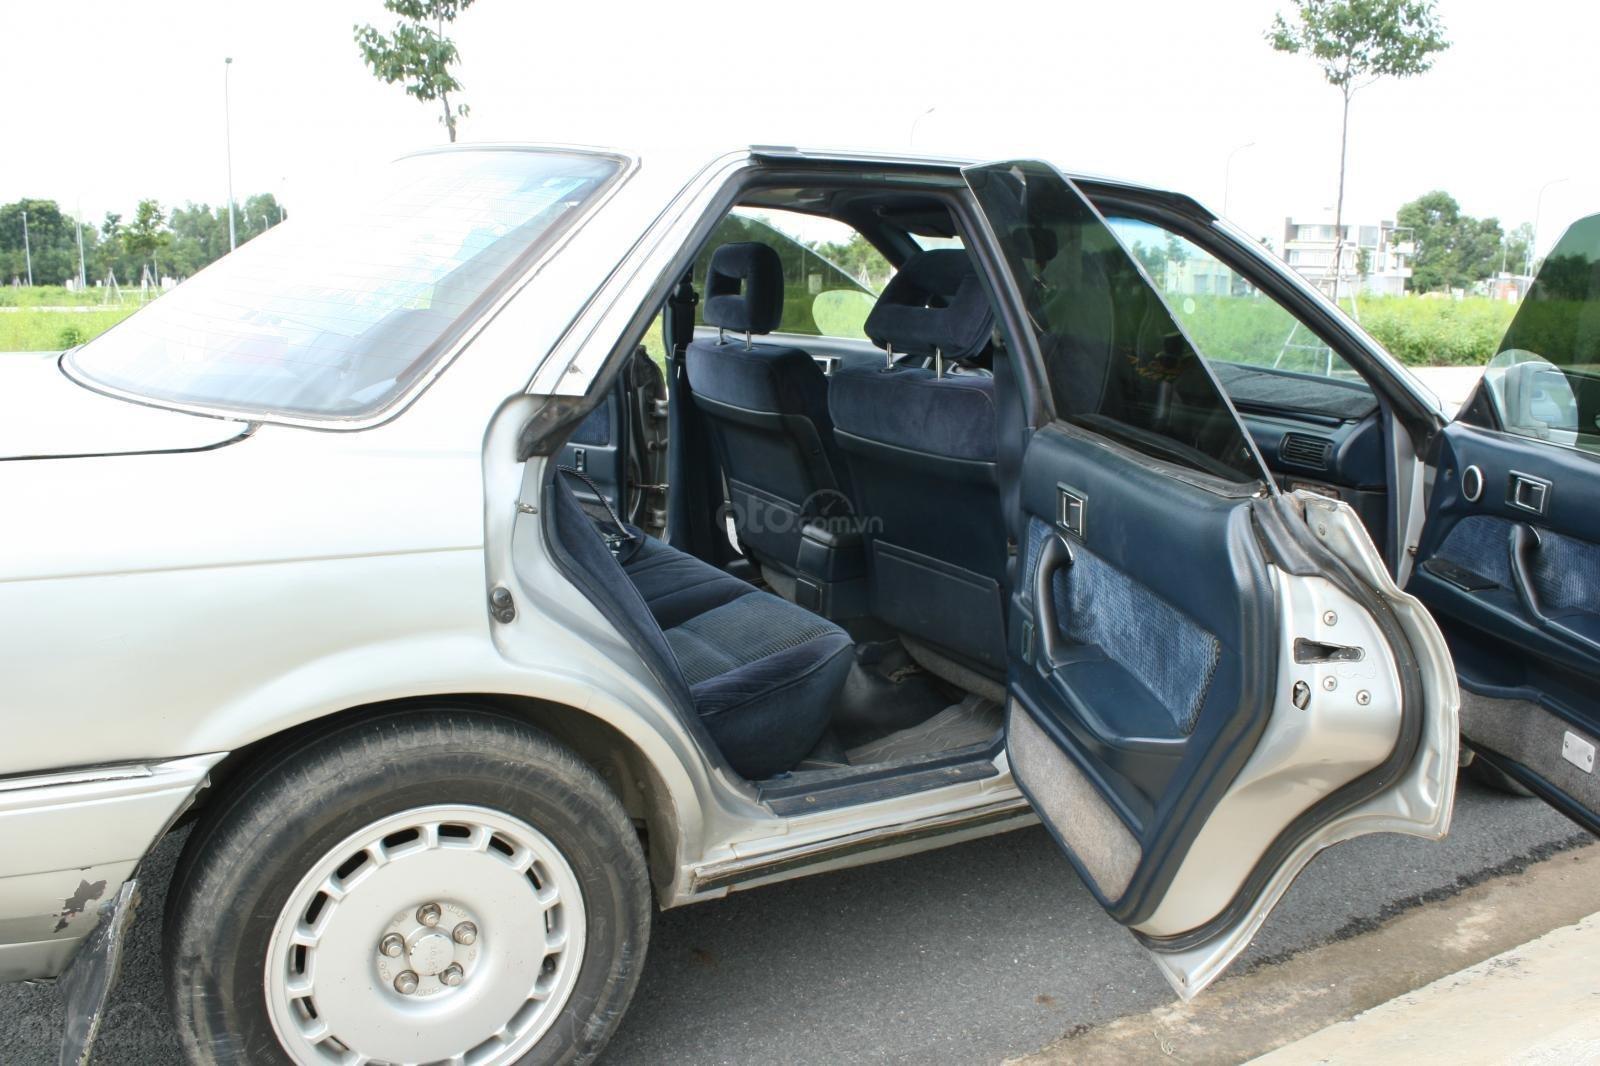 Bán ô tô Toyota Camry đời 1987, màu bạc, nhập khẩu nguyên chiếc chính chủ, giá 90tr (7)